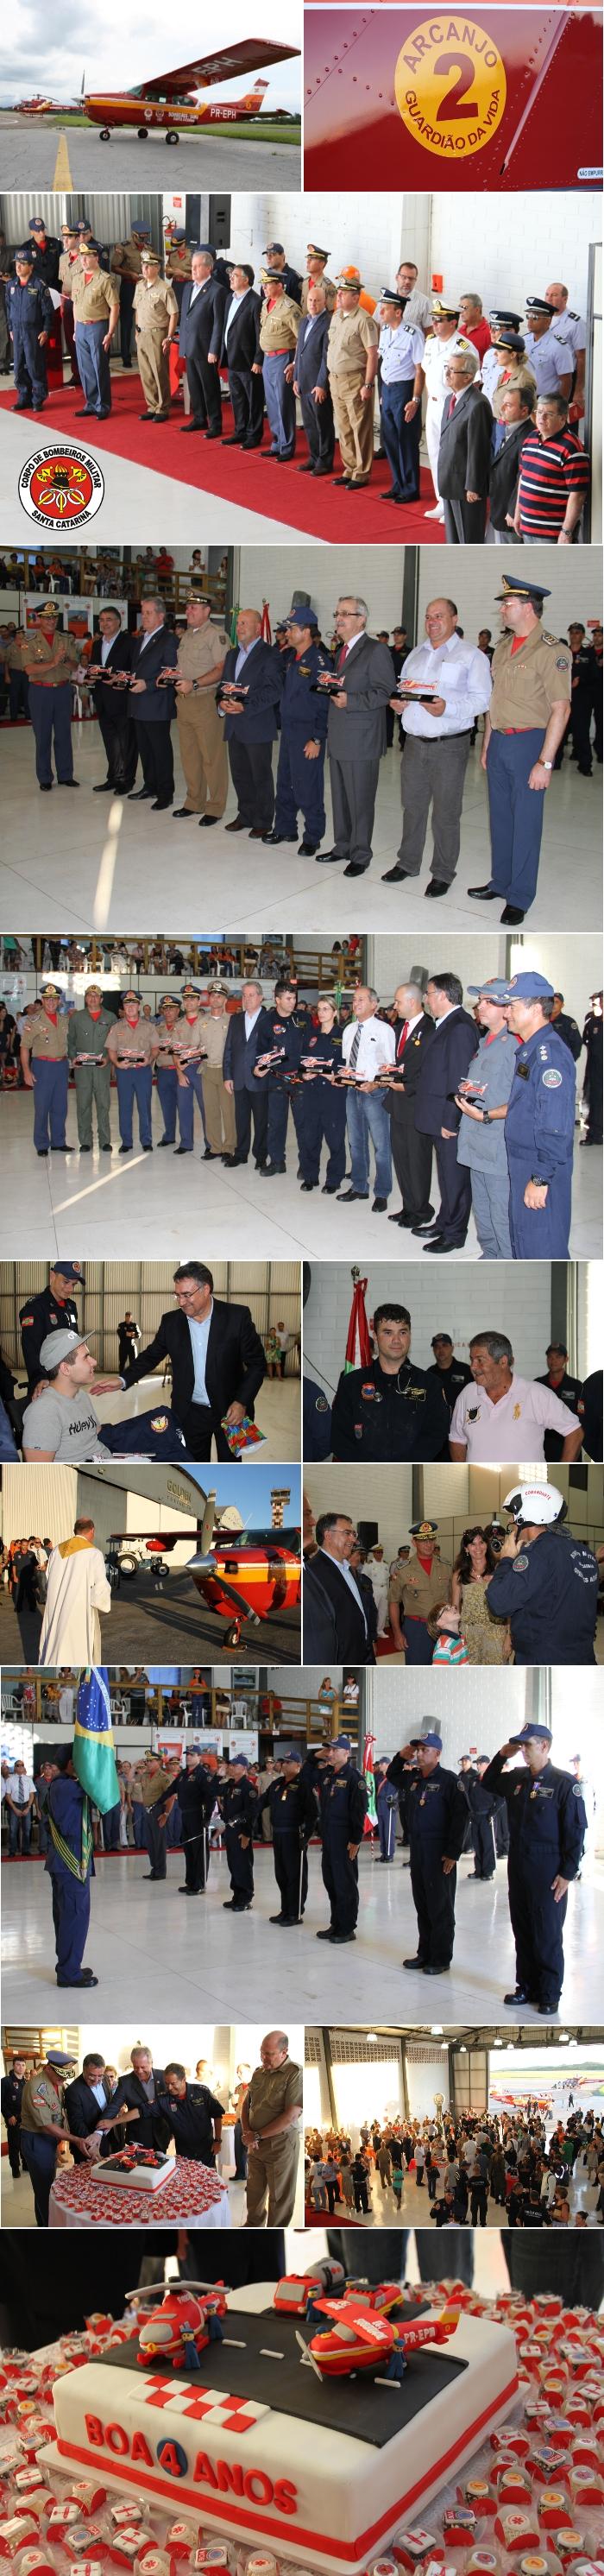 CBM-SC Batalhão de Operações Aéreas comemora 4 anos com nova aeronave